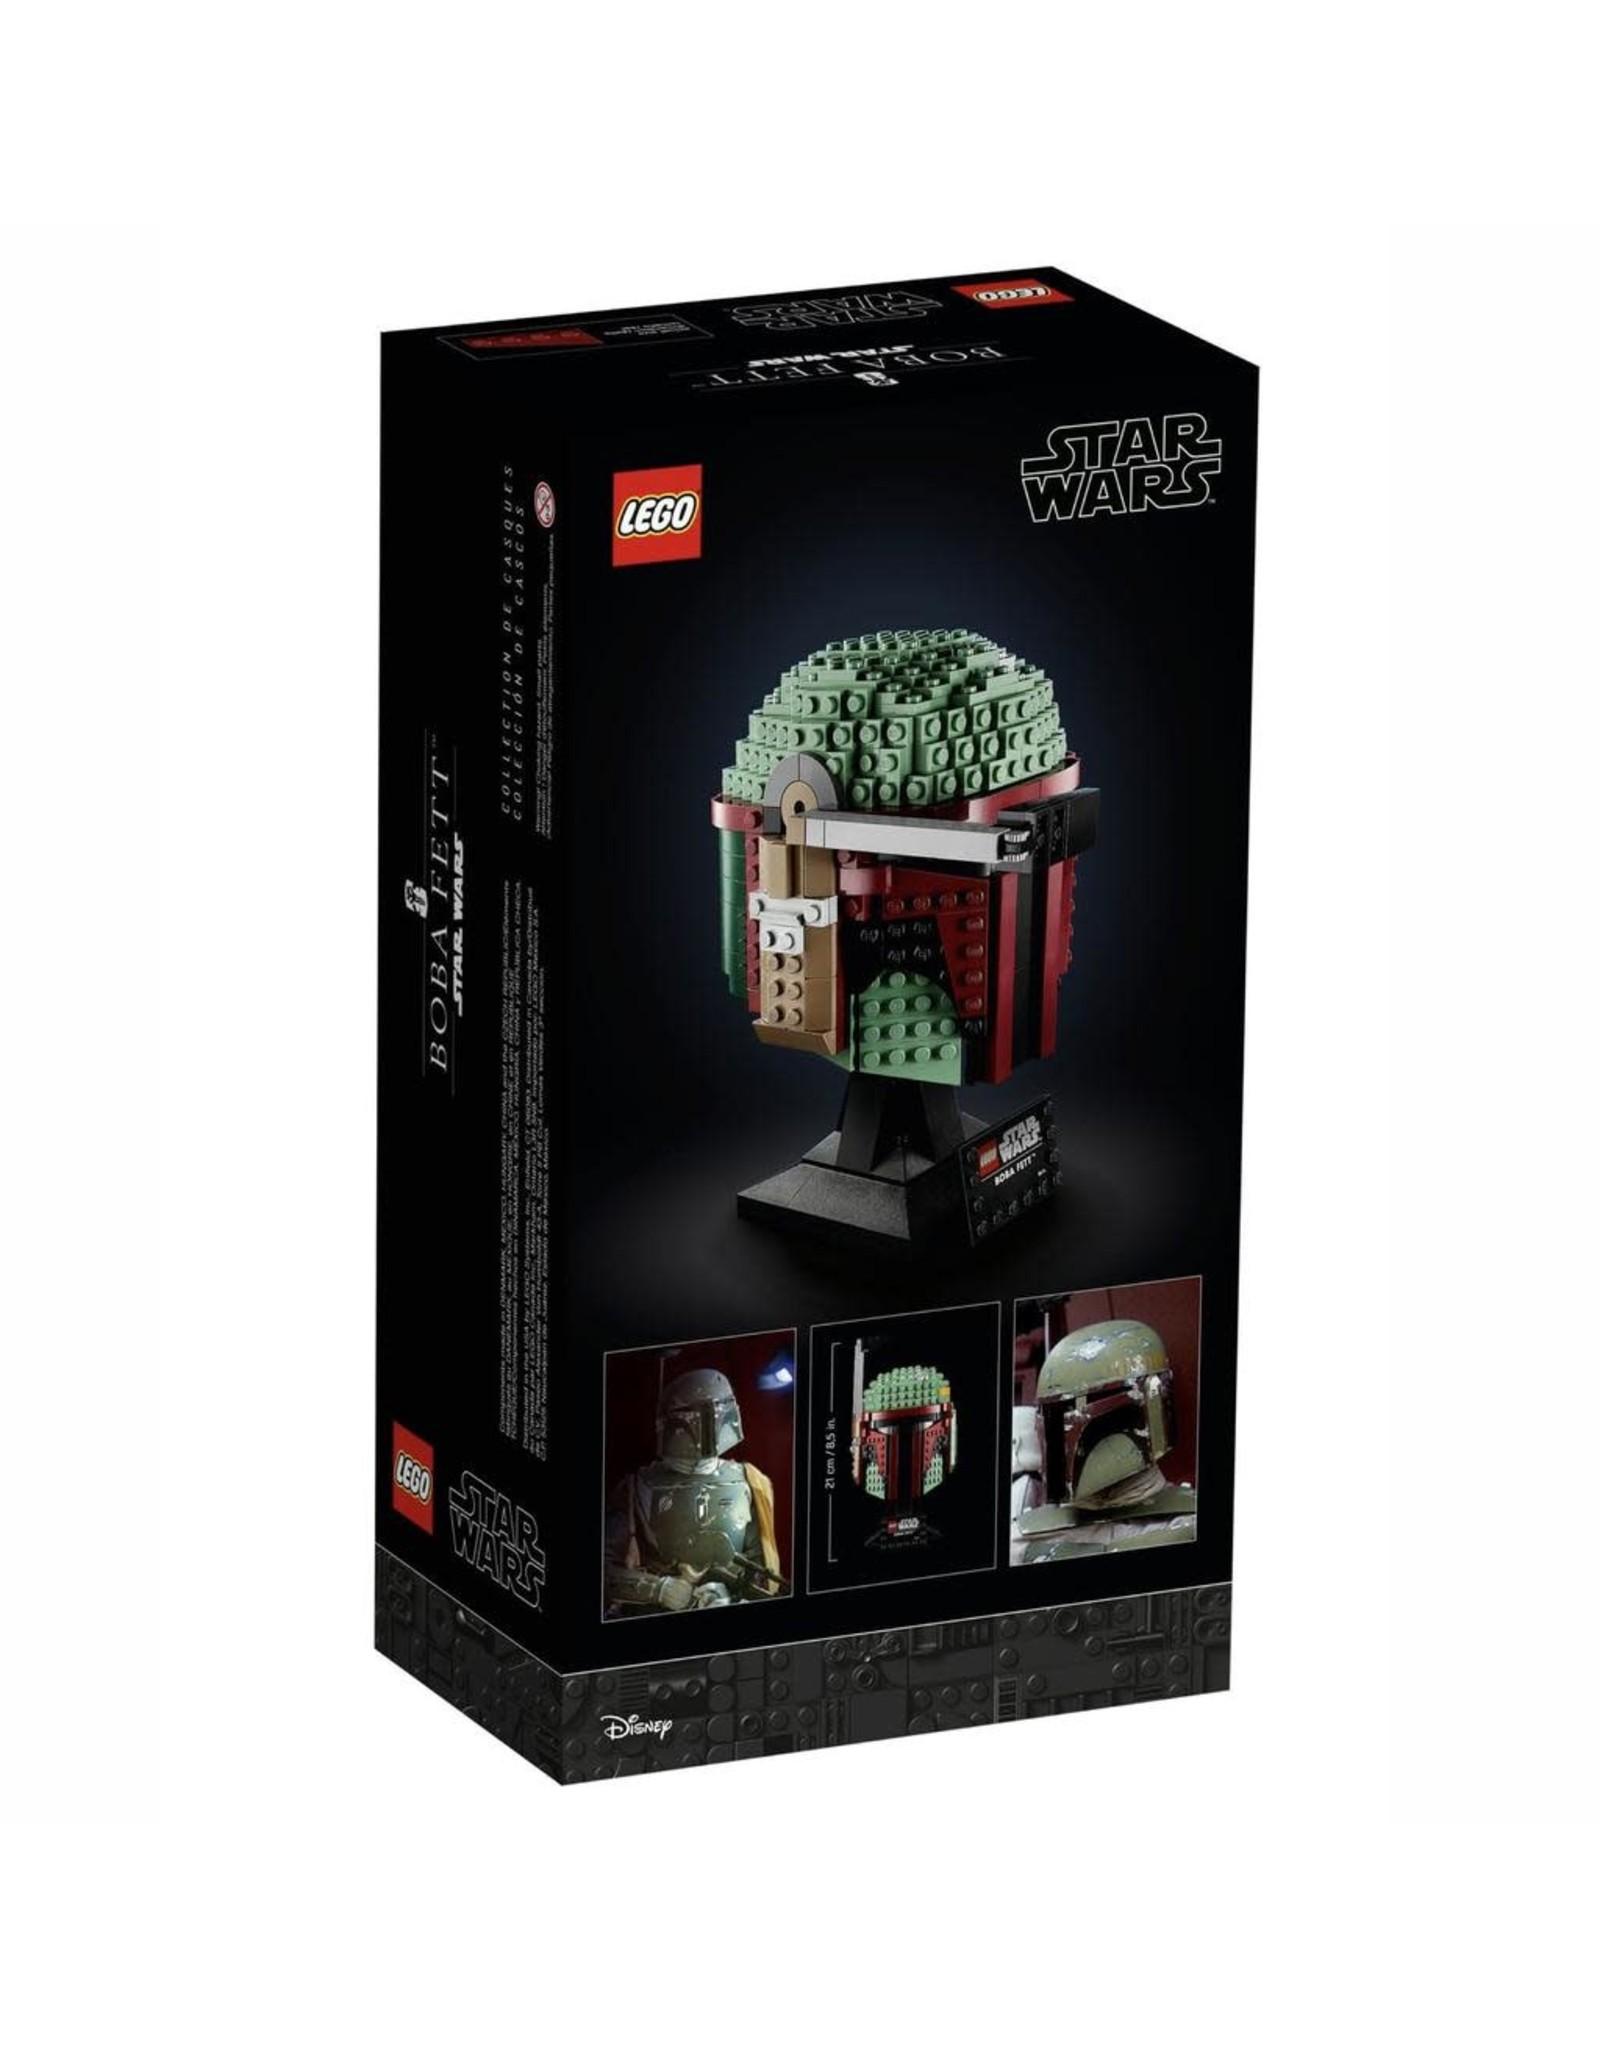 LEGO Star Wars - 75277 Boba Fett Helmet